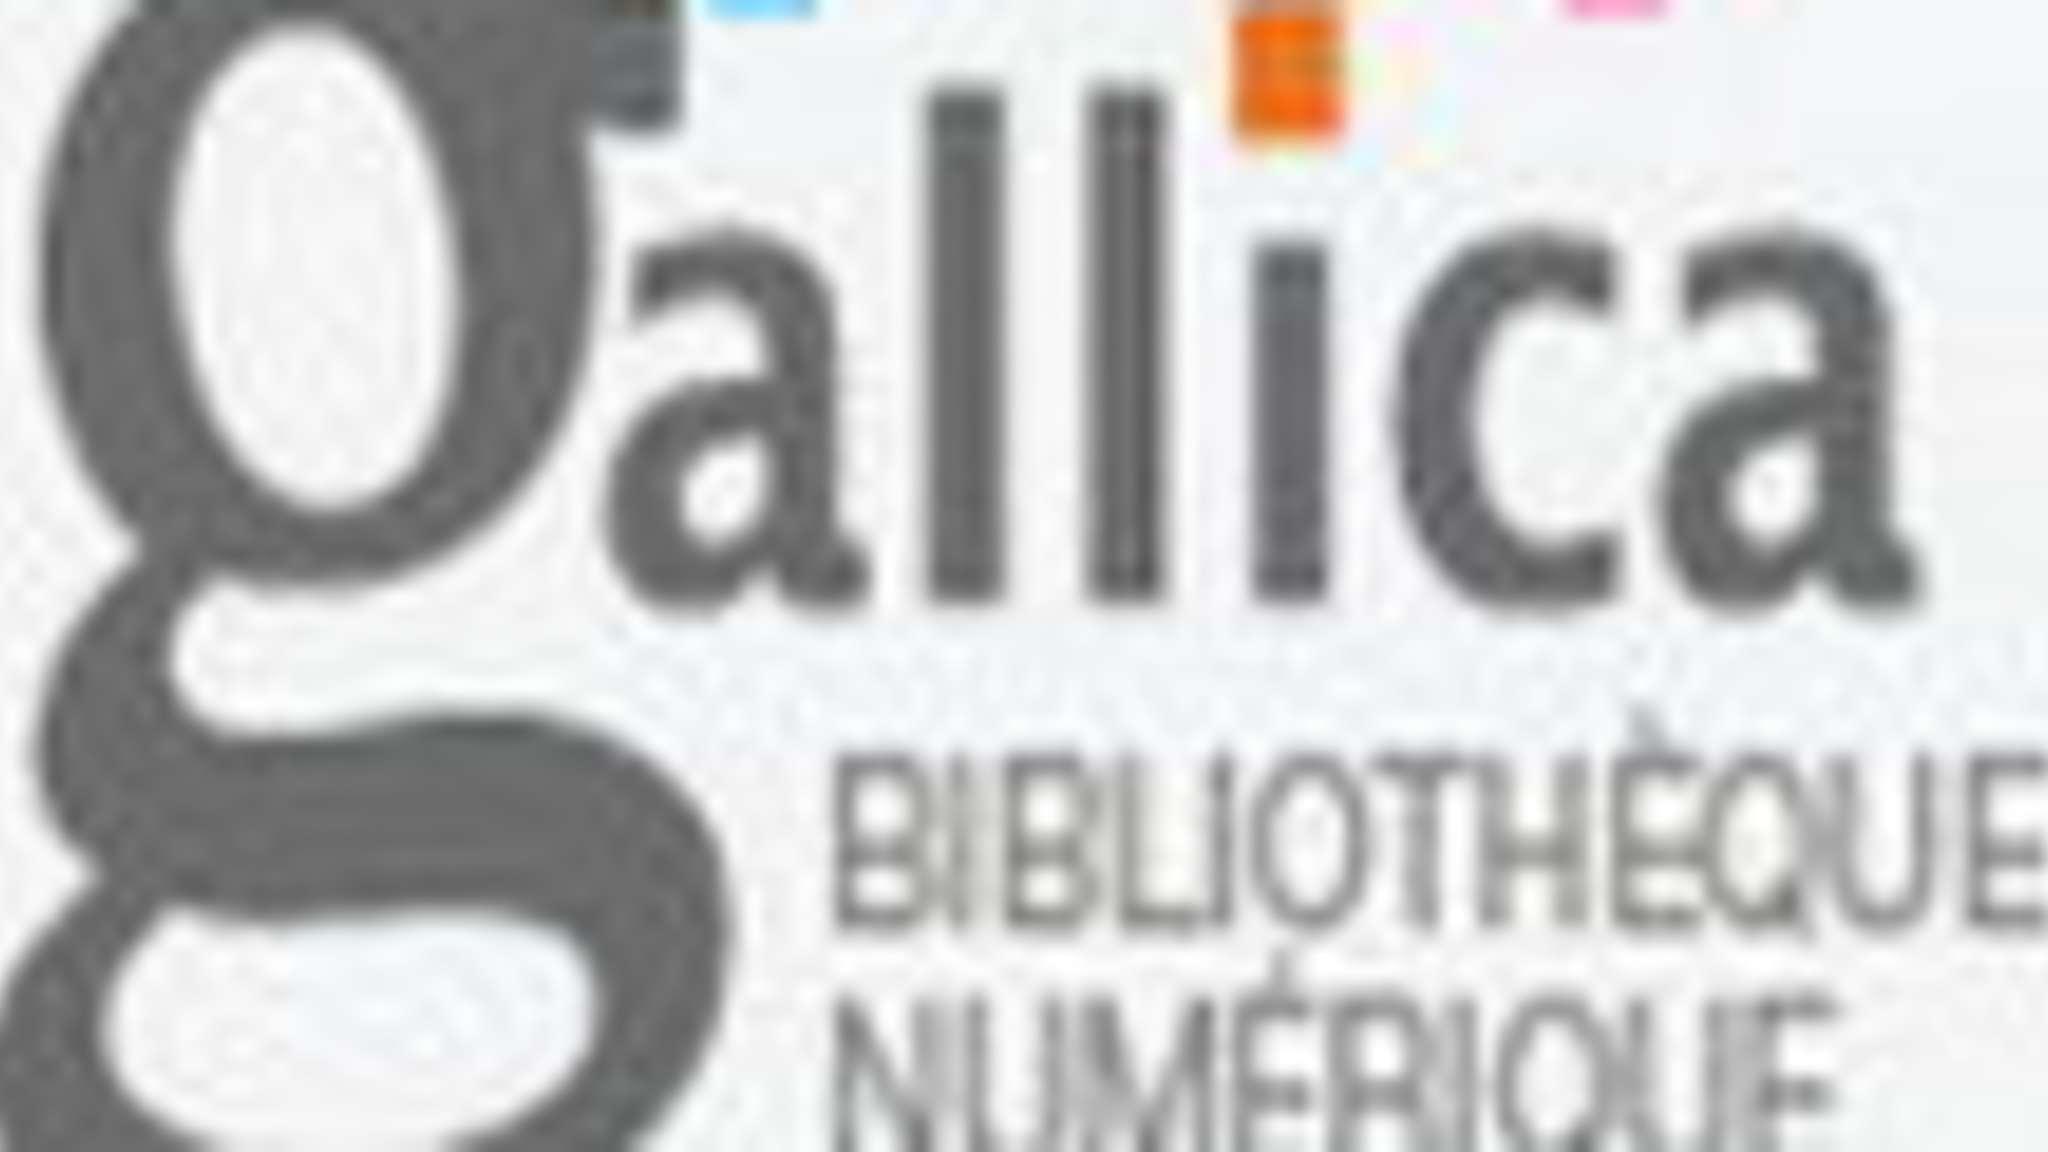 Consulter le dictionnaire en ligne sur le site de la BNF